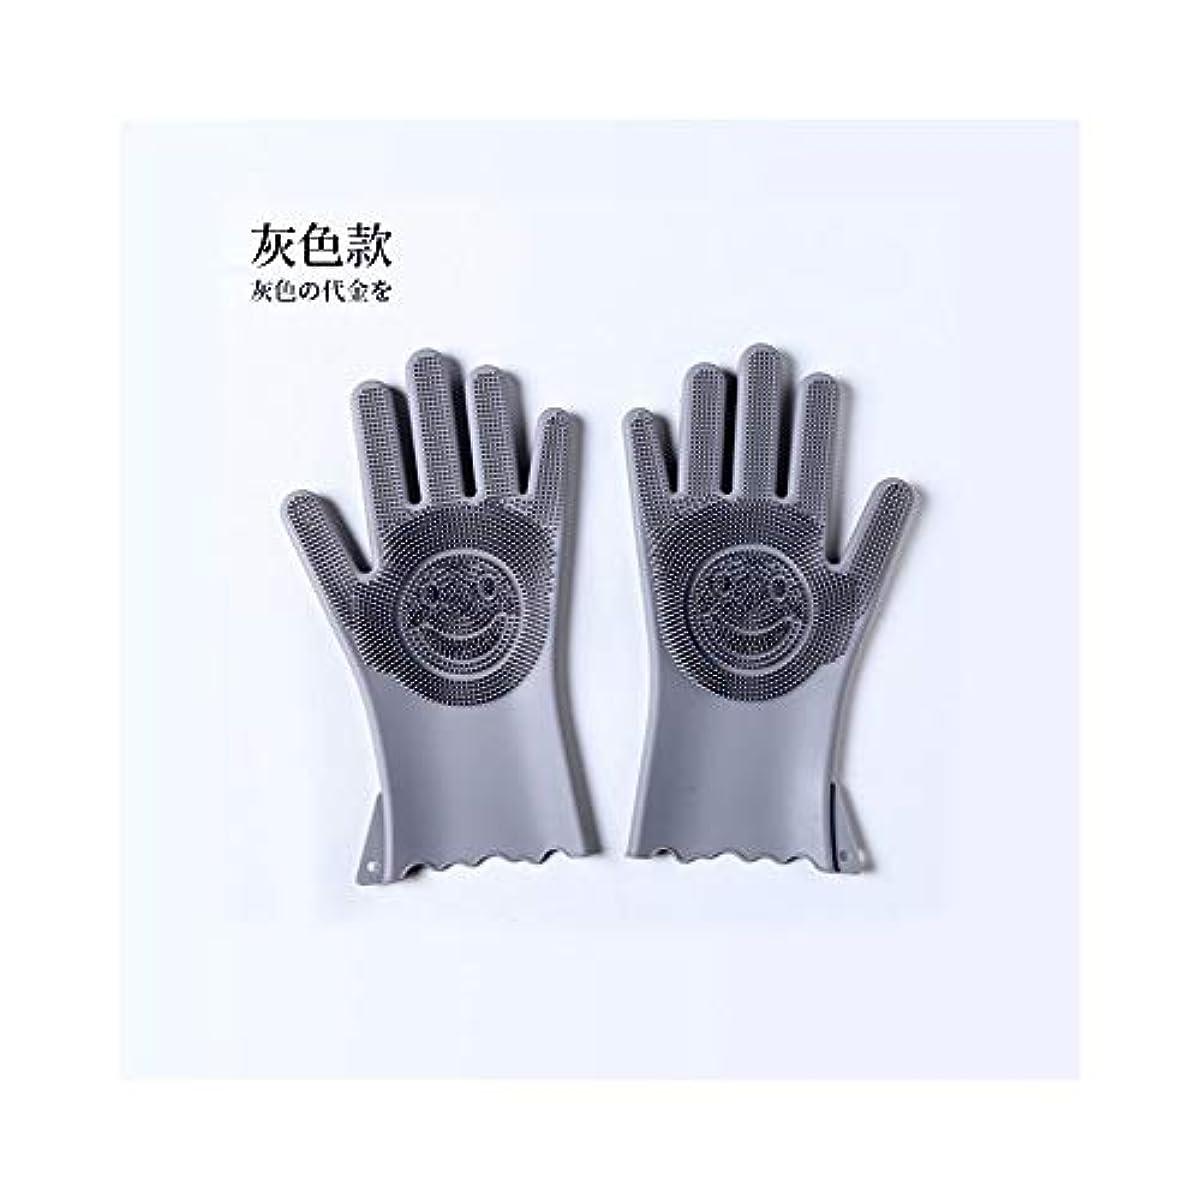 BTXXYJP キッチン用手袋 手袋 食器洗い 作業 泡立ち 食器洗い 炊事 掃除 園芸 洗車 防水 手袋 (Color : Gray, Size : M)